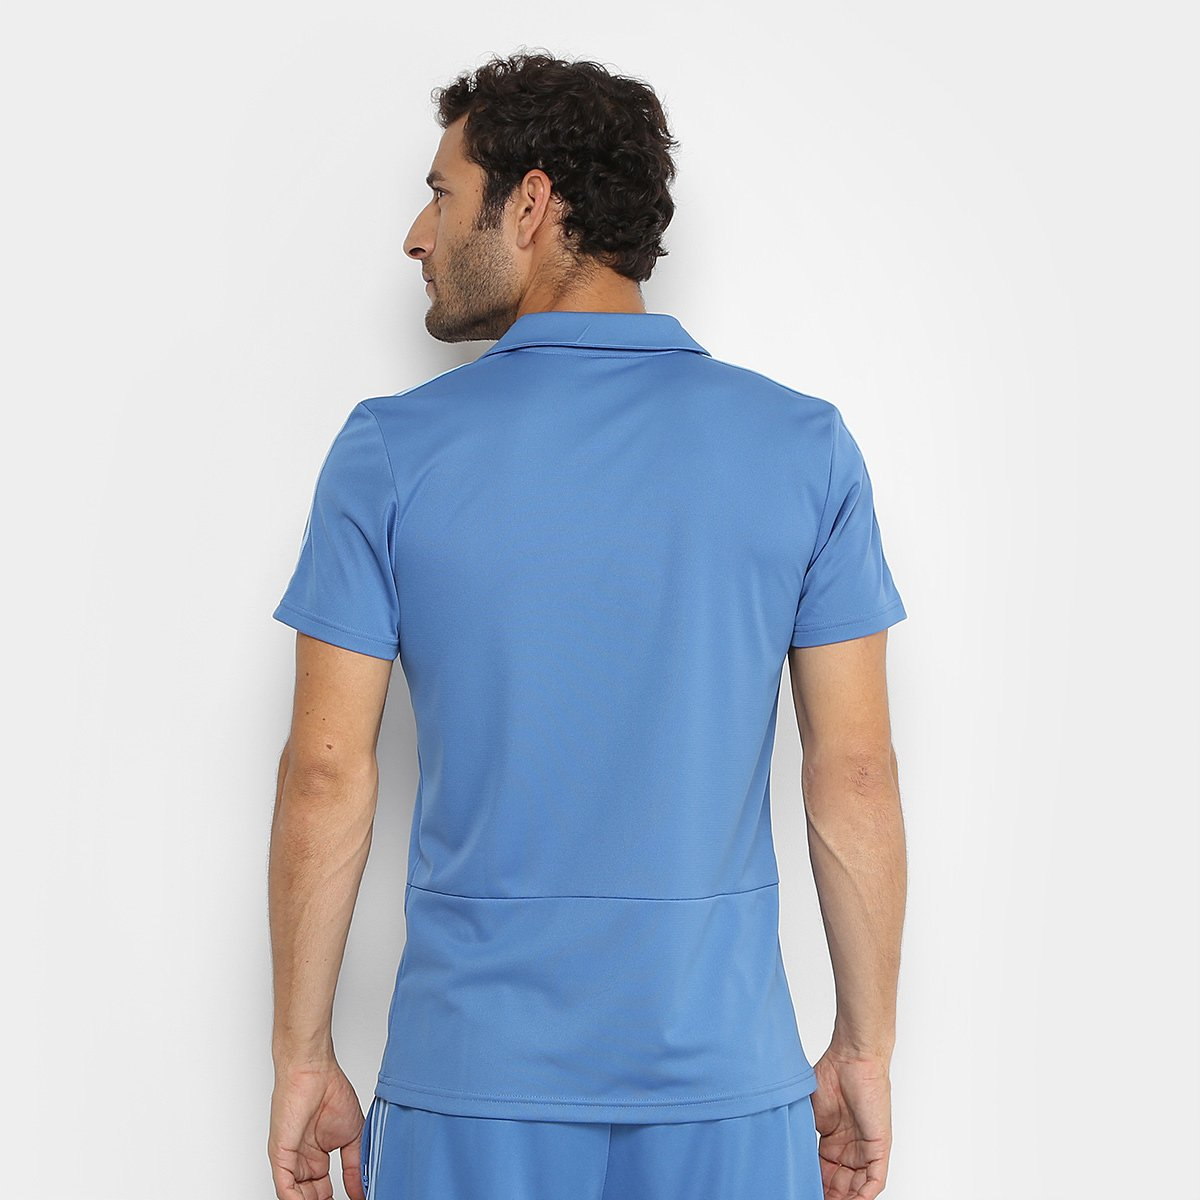 Camisa Polo Palmeiras Adidas Viagem Masculina - Azul - Compre Agora ... 77735b7000c12